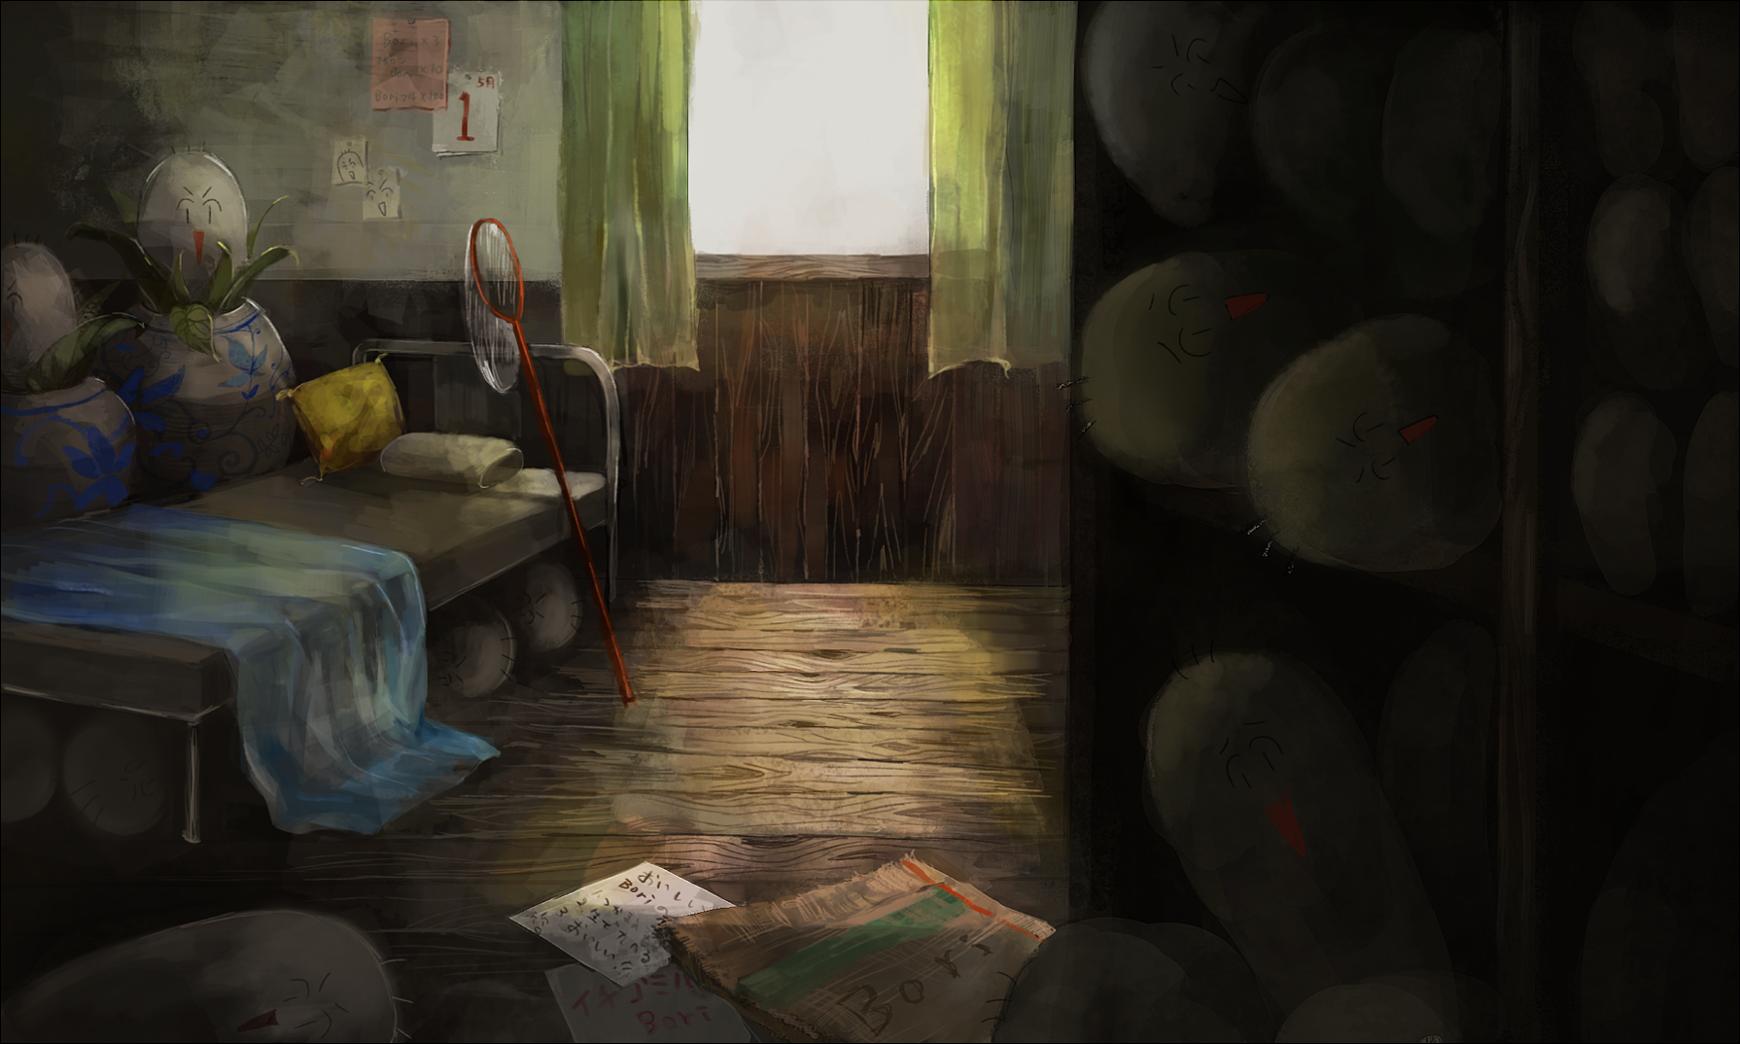 清瑠さんの部屋